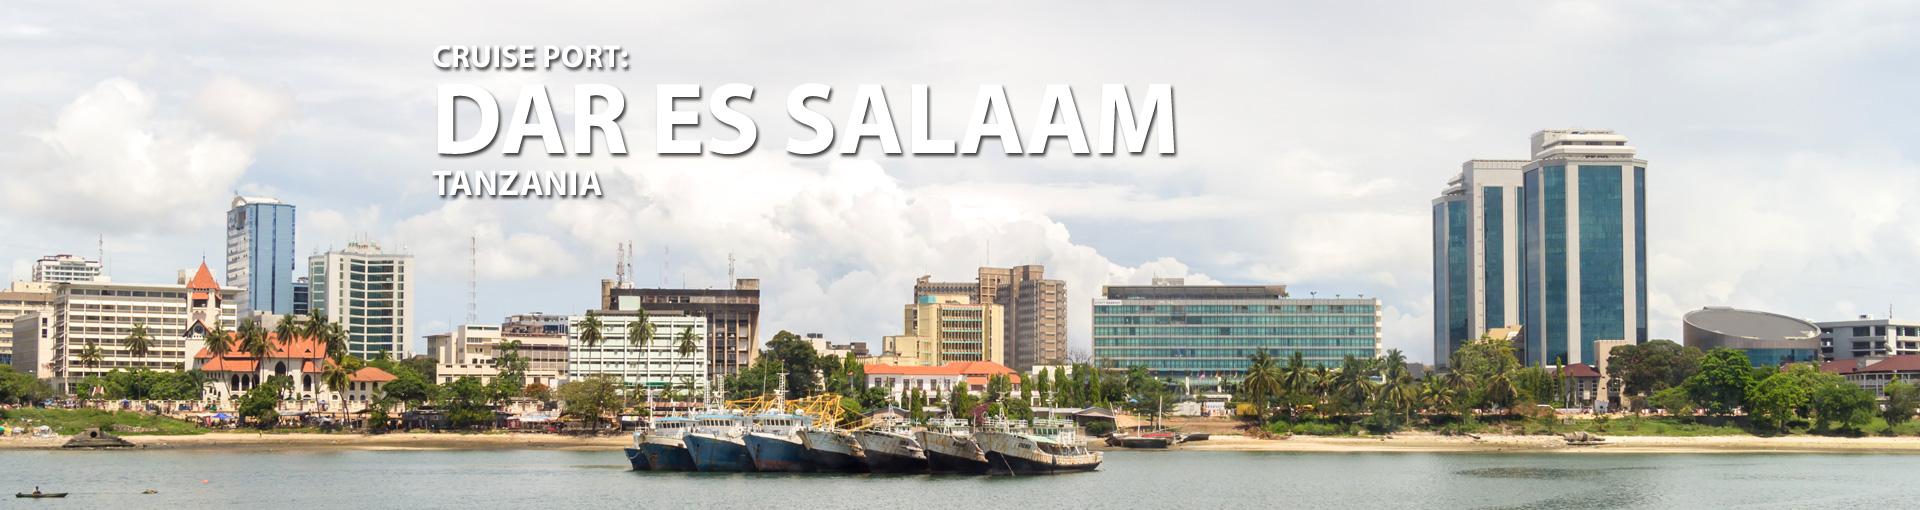 Free dating in dar es salaam